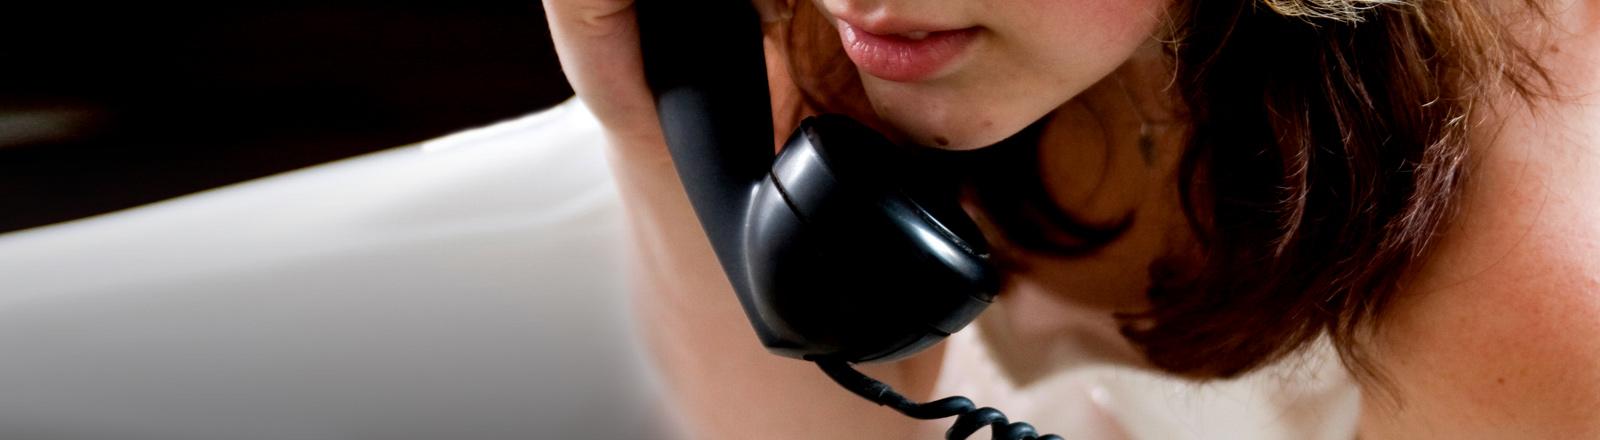 Eine Frau hält einen Telefonhörer in der Hand.